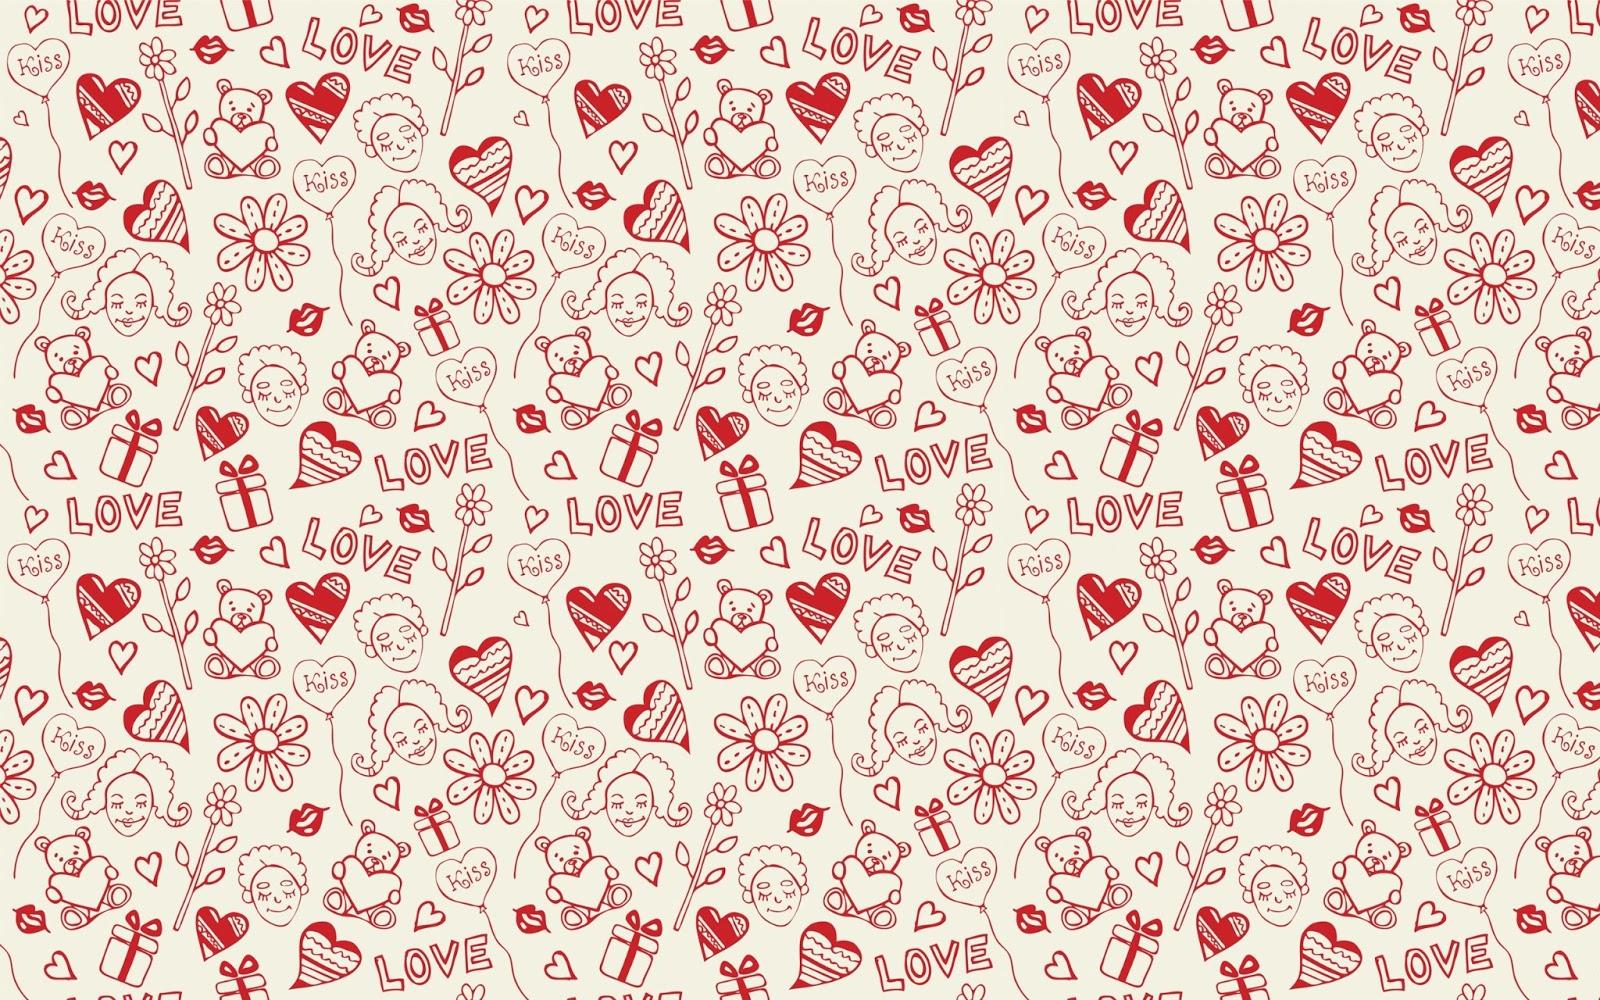 Fondos de pantalla hd fondo de pantalla abstracto love for Pc in regalo gratis